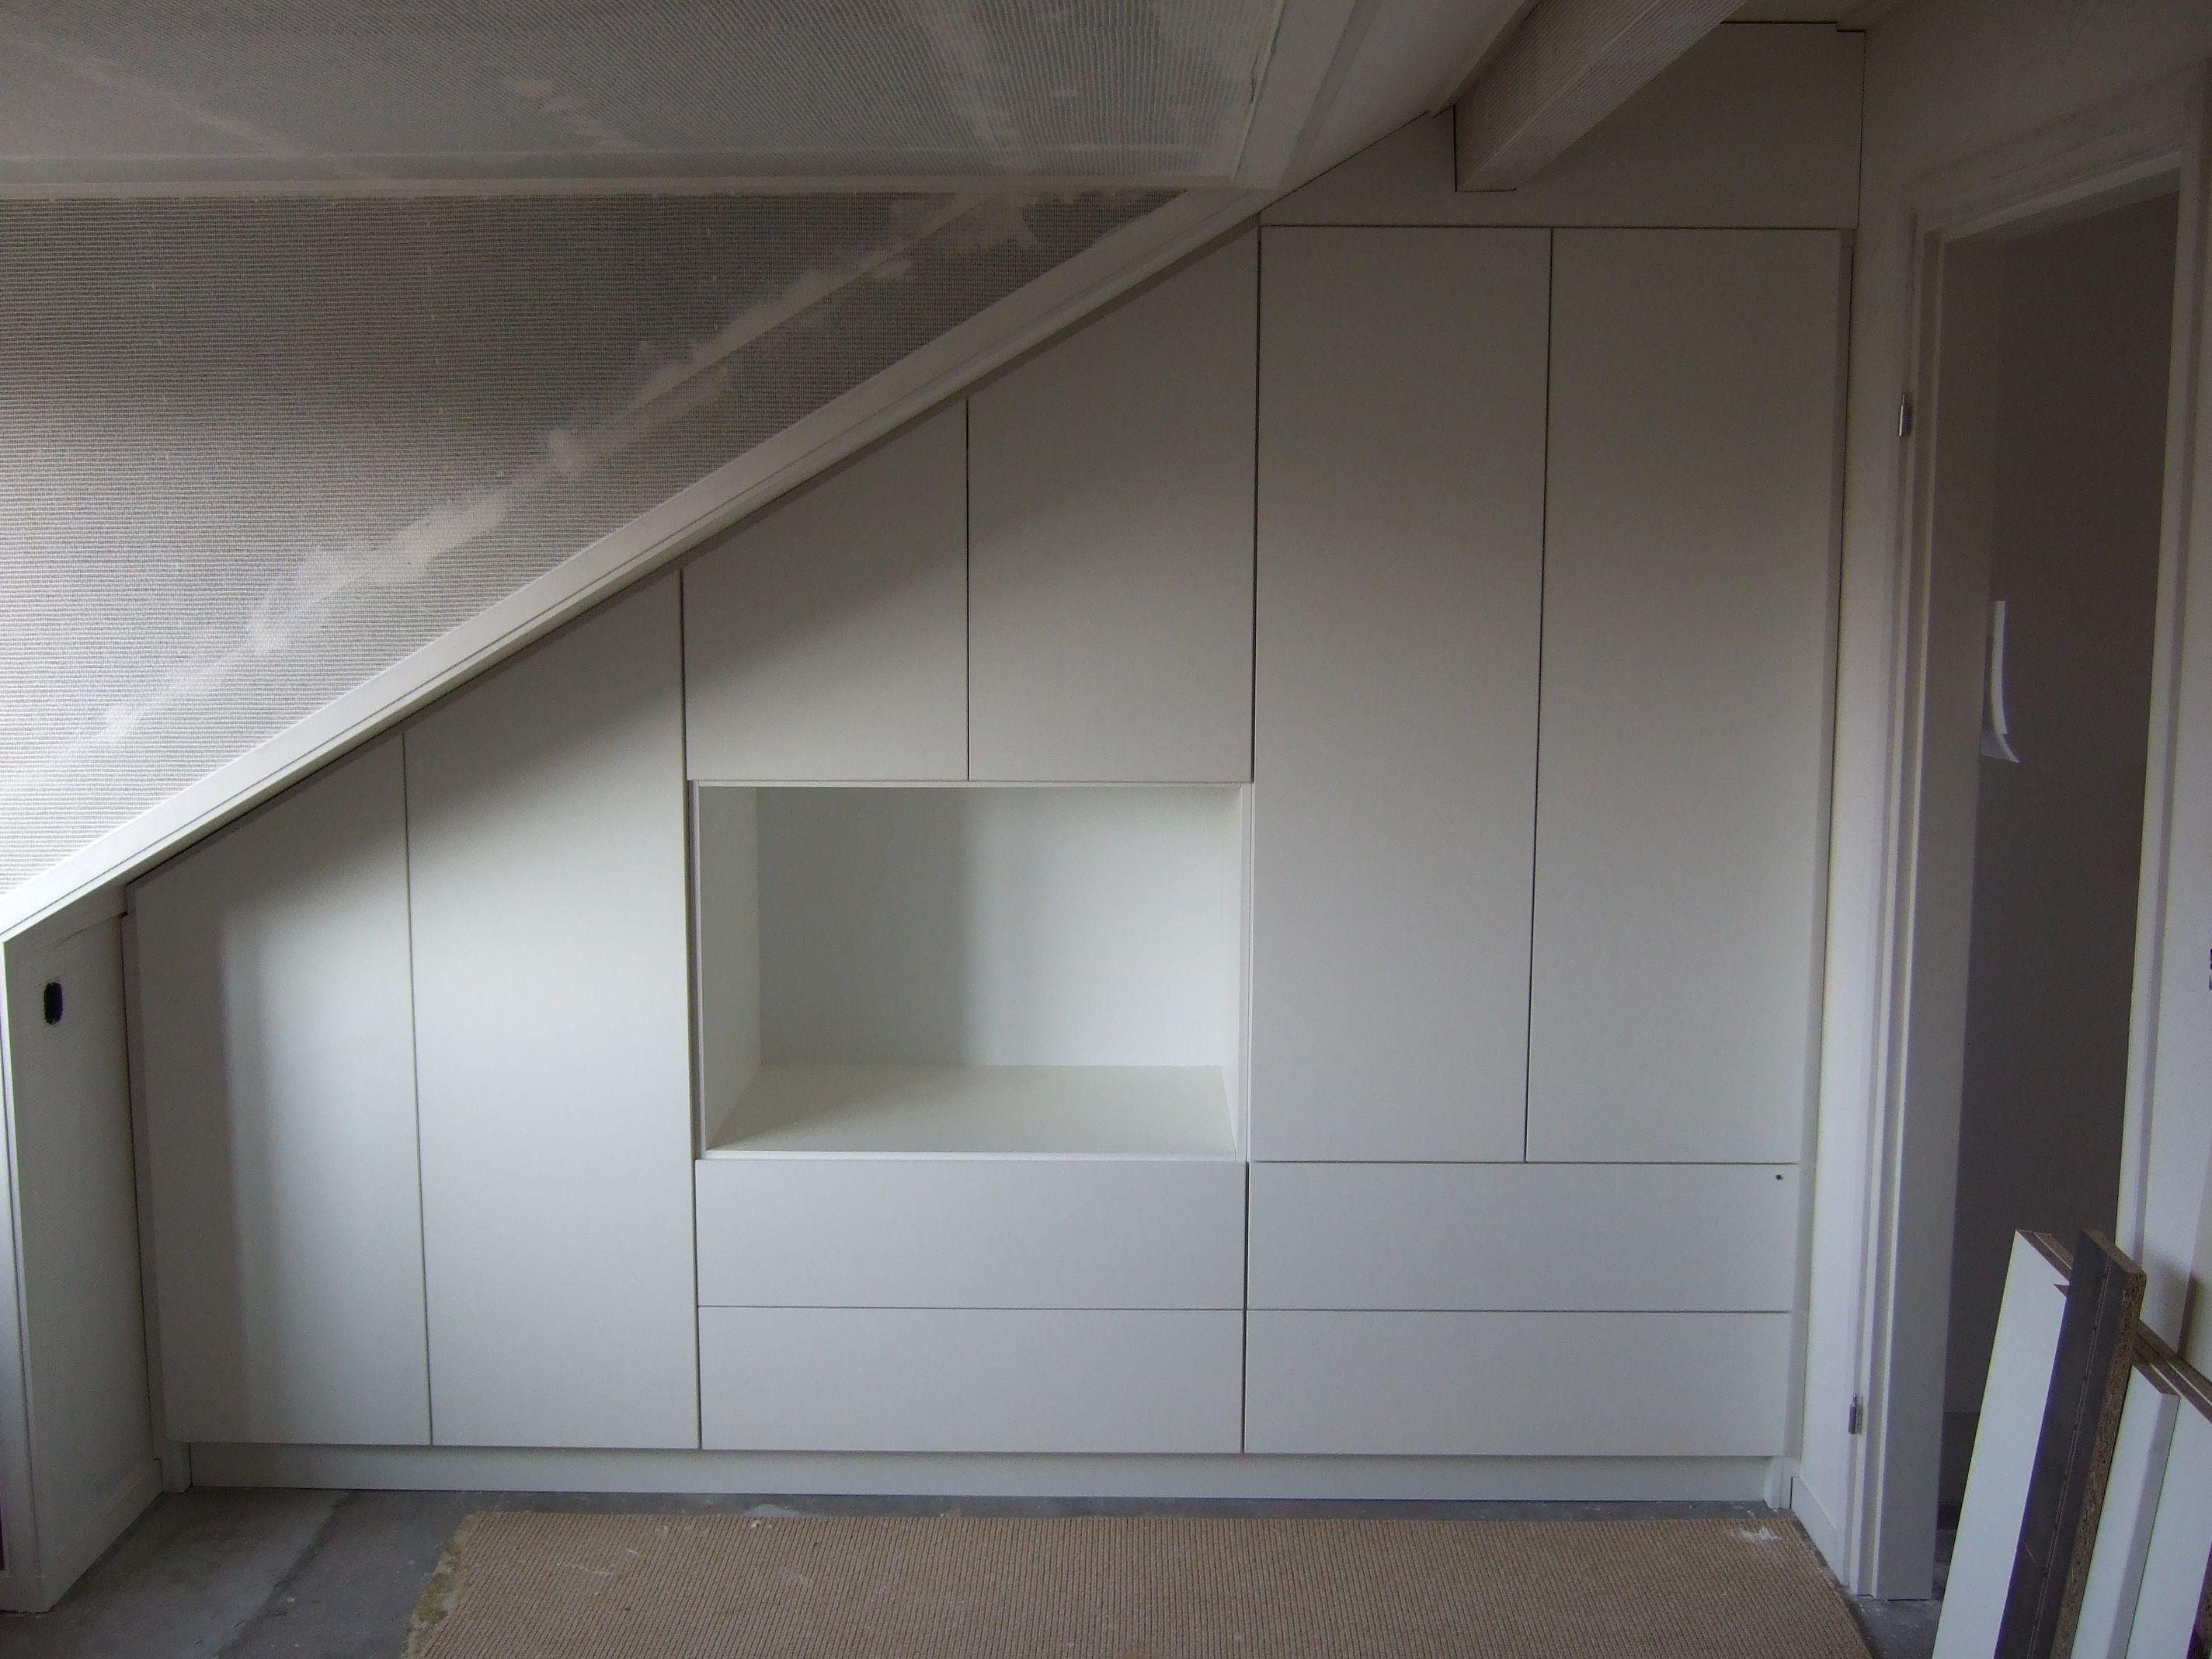 Wasbak op zolder 032626 ontwerp inspiratie voor de badkamer en de kamer inrichting - Uitbreiding van de zolder ...